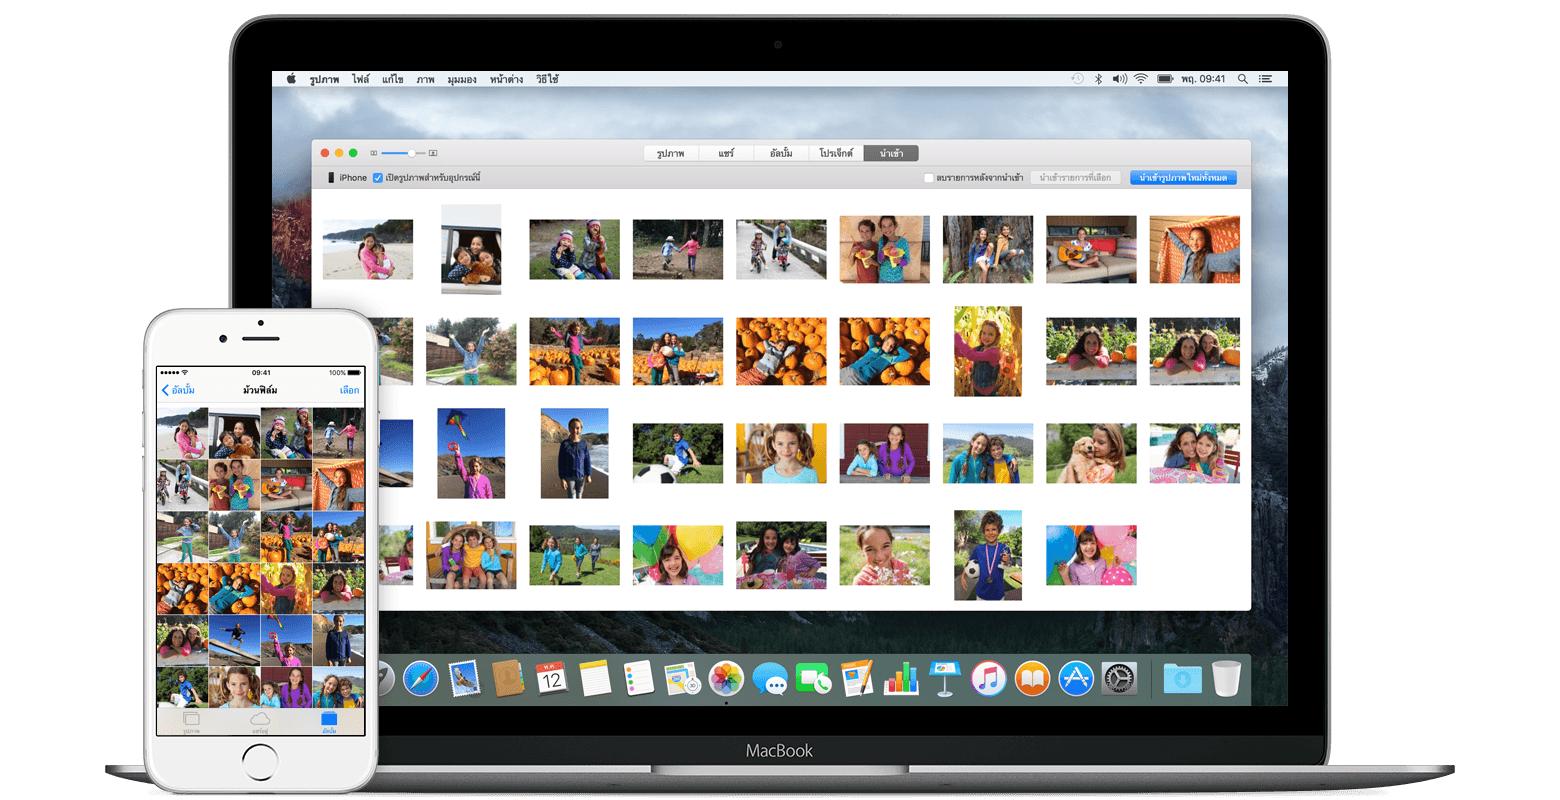 วิธี นำเข้ารูปภาพและวิดีโอจาก iPhone, iPad หรือ iPod touch ของคุณ : Am4youGadget